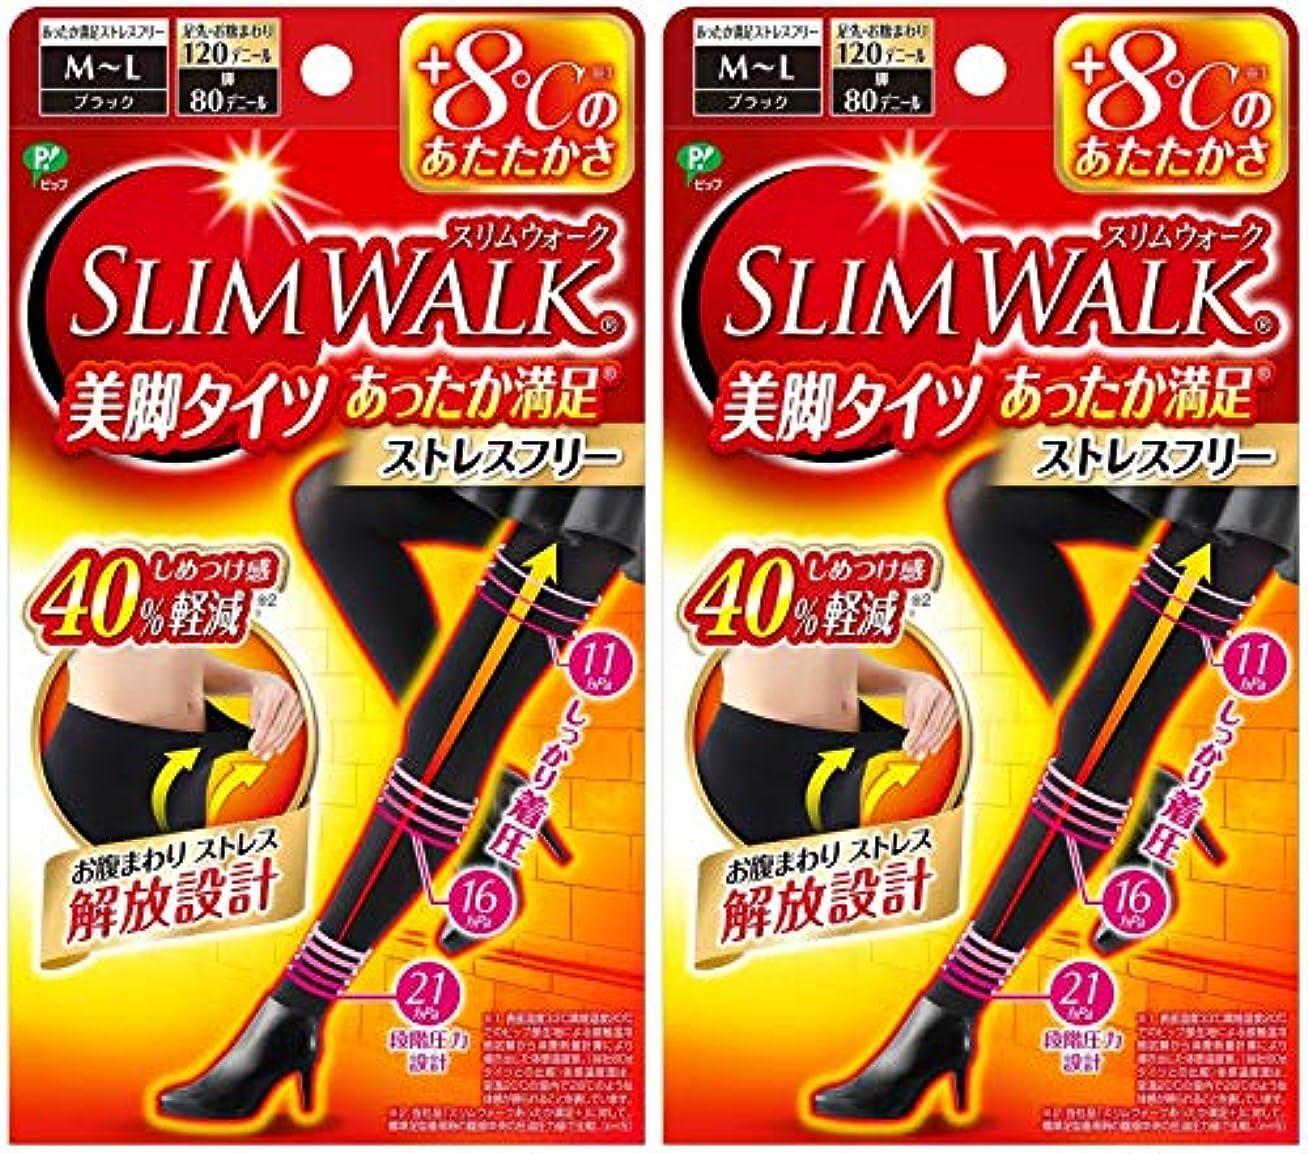 ひばり現れる愛する【2個セット】 スリムウォーク (SLIM WALK) 美脚タイツ あったか満足 おそと用 M~Lサイズ